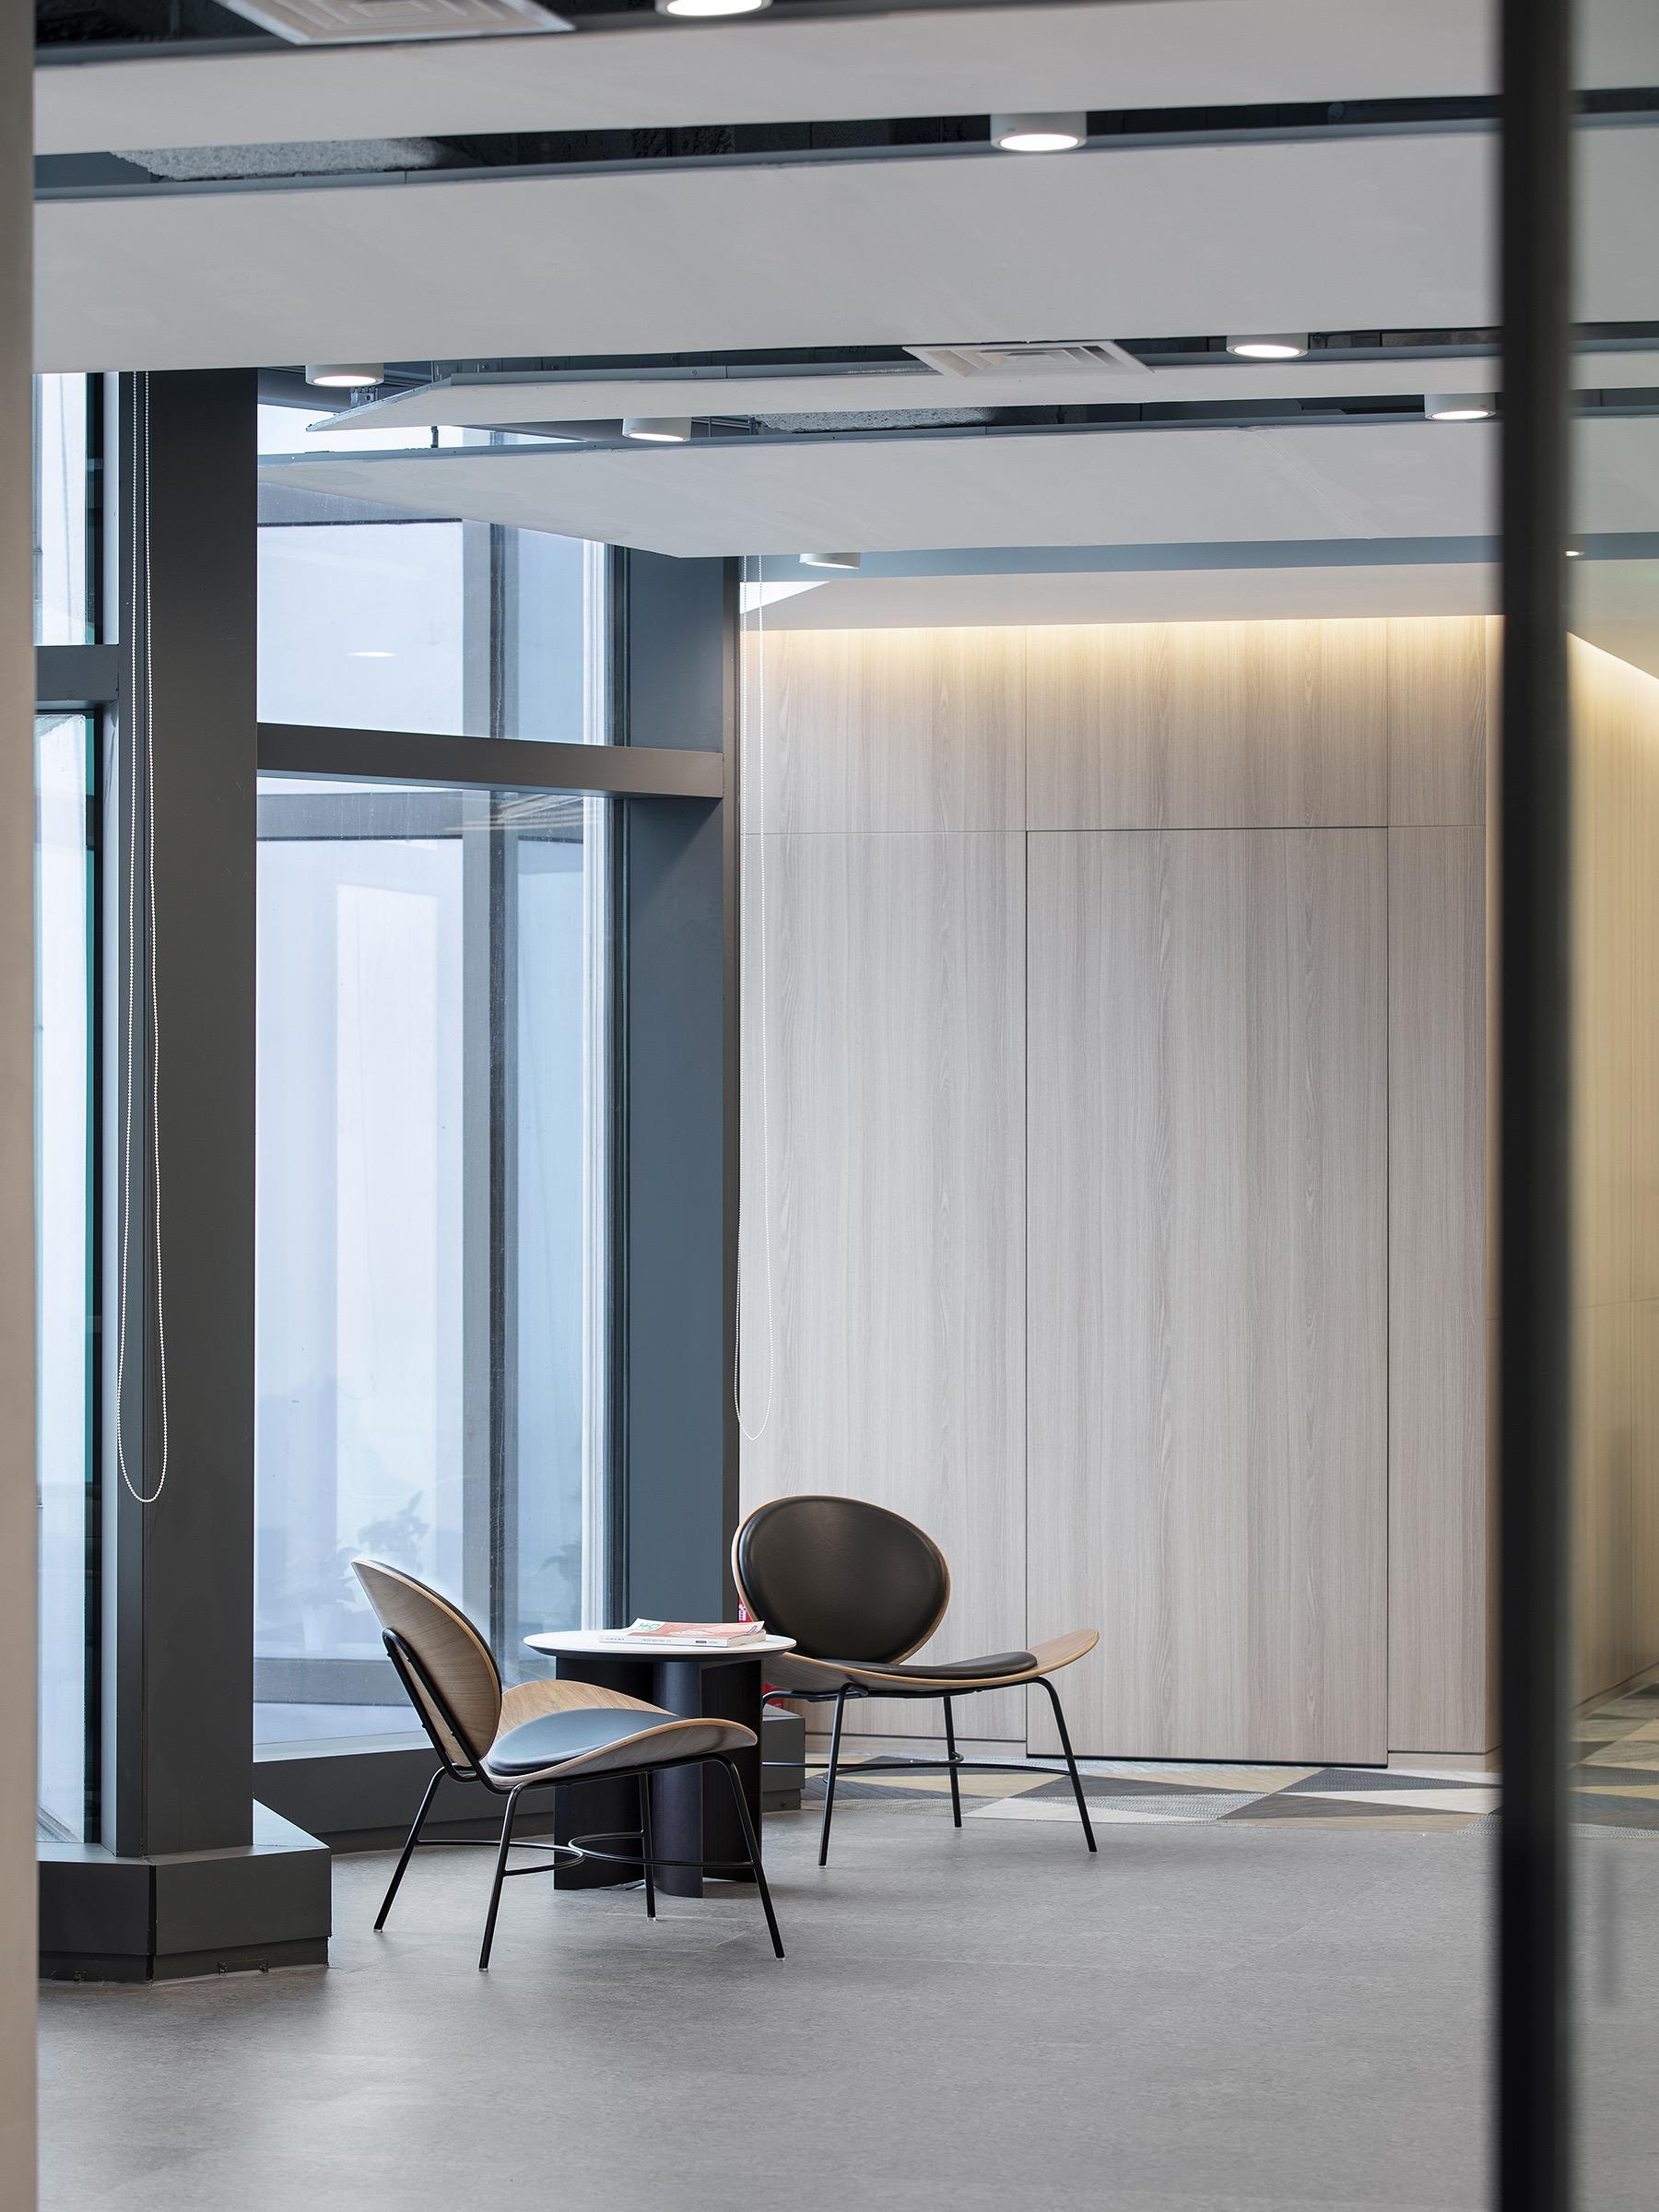 dentons-office-china-9